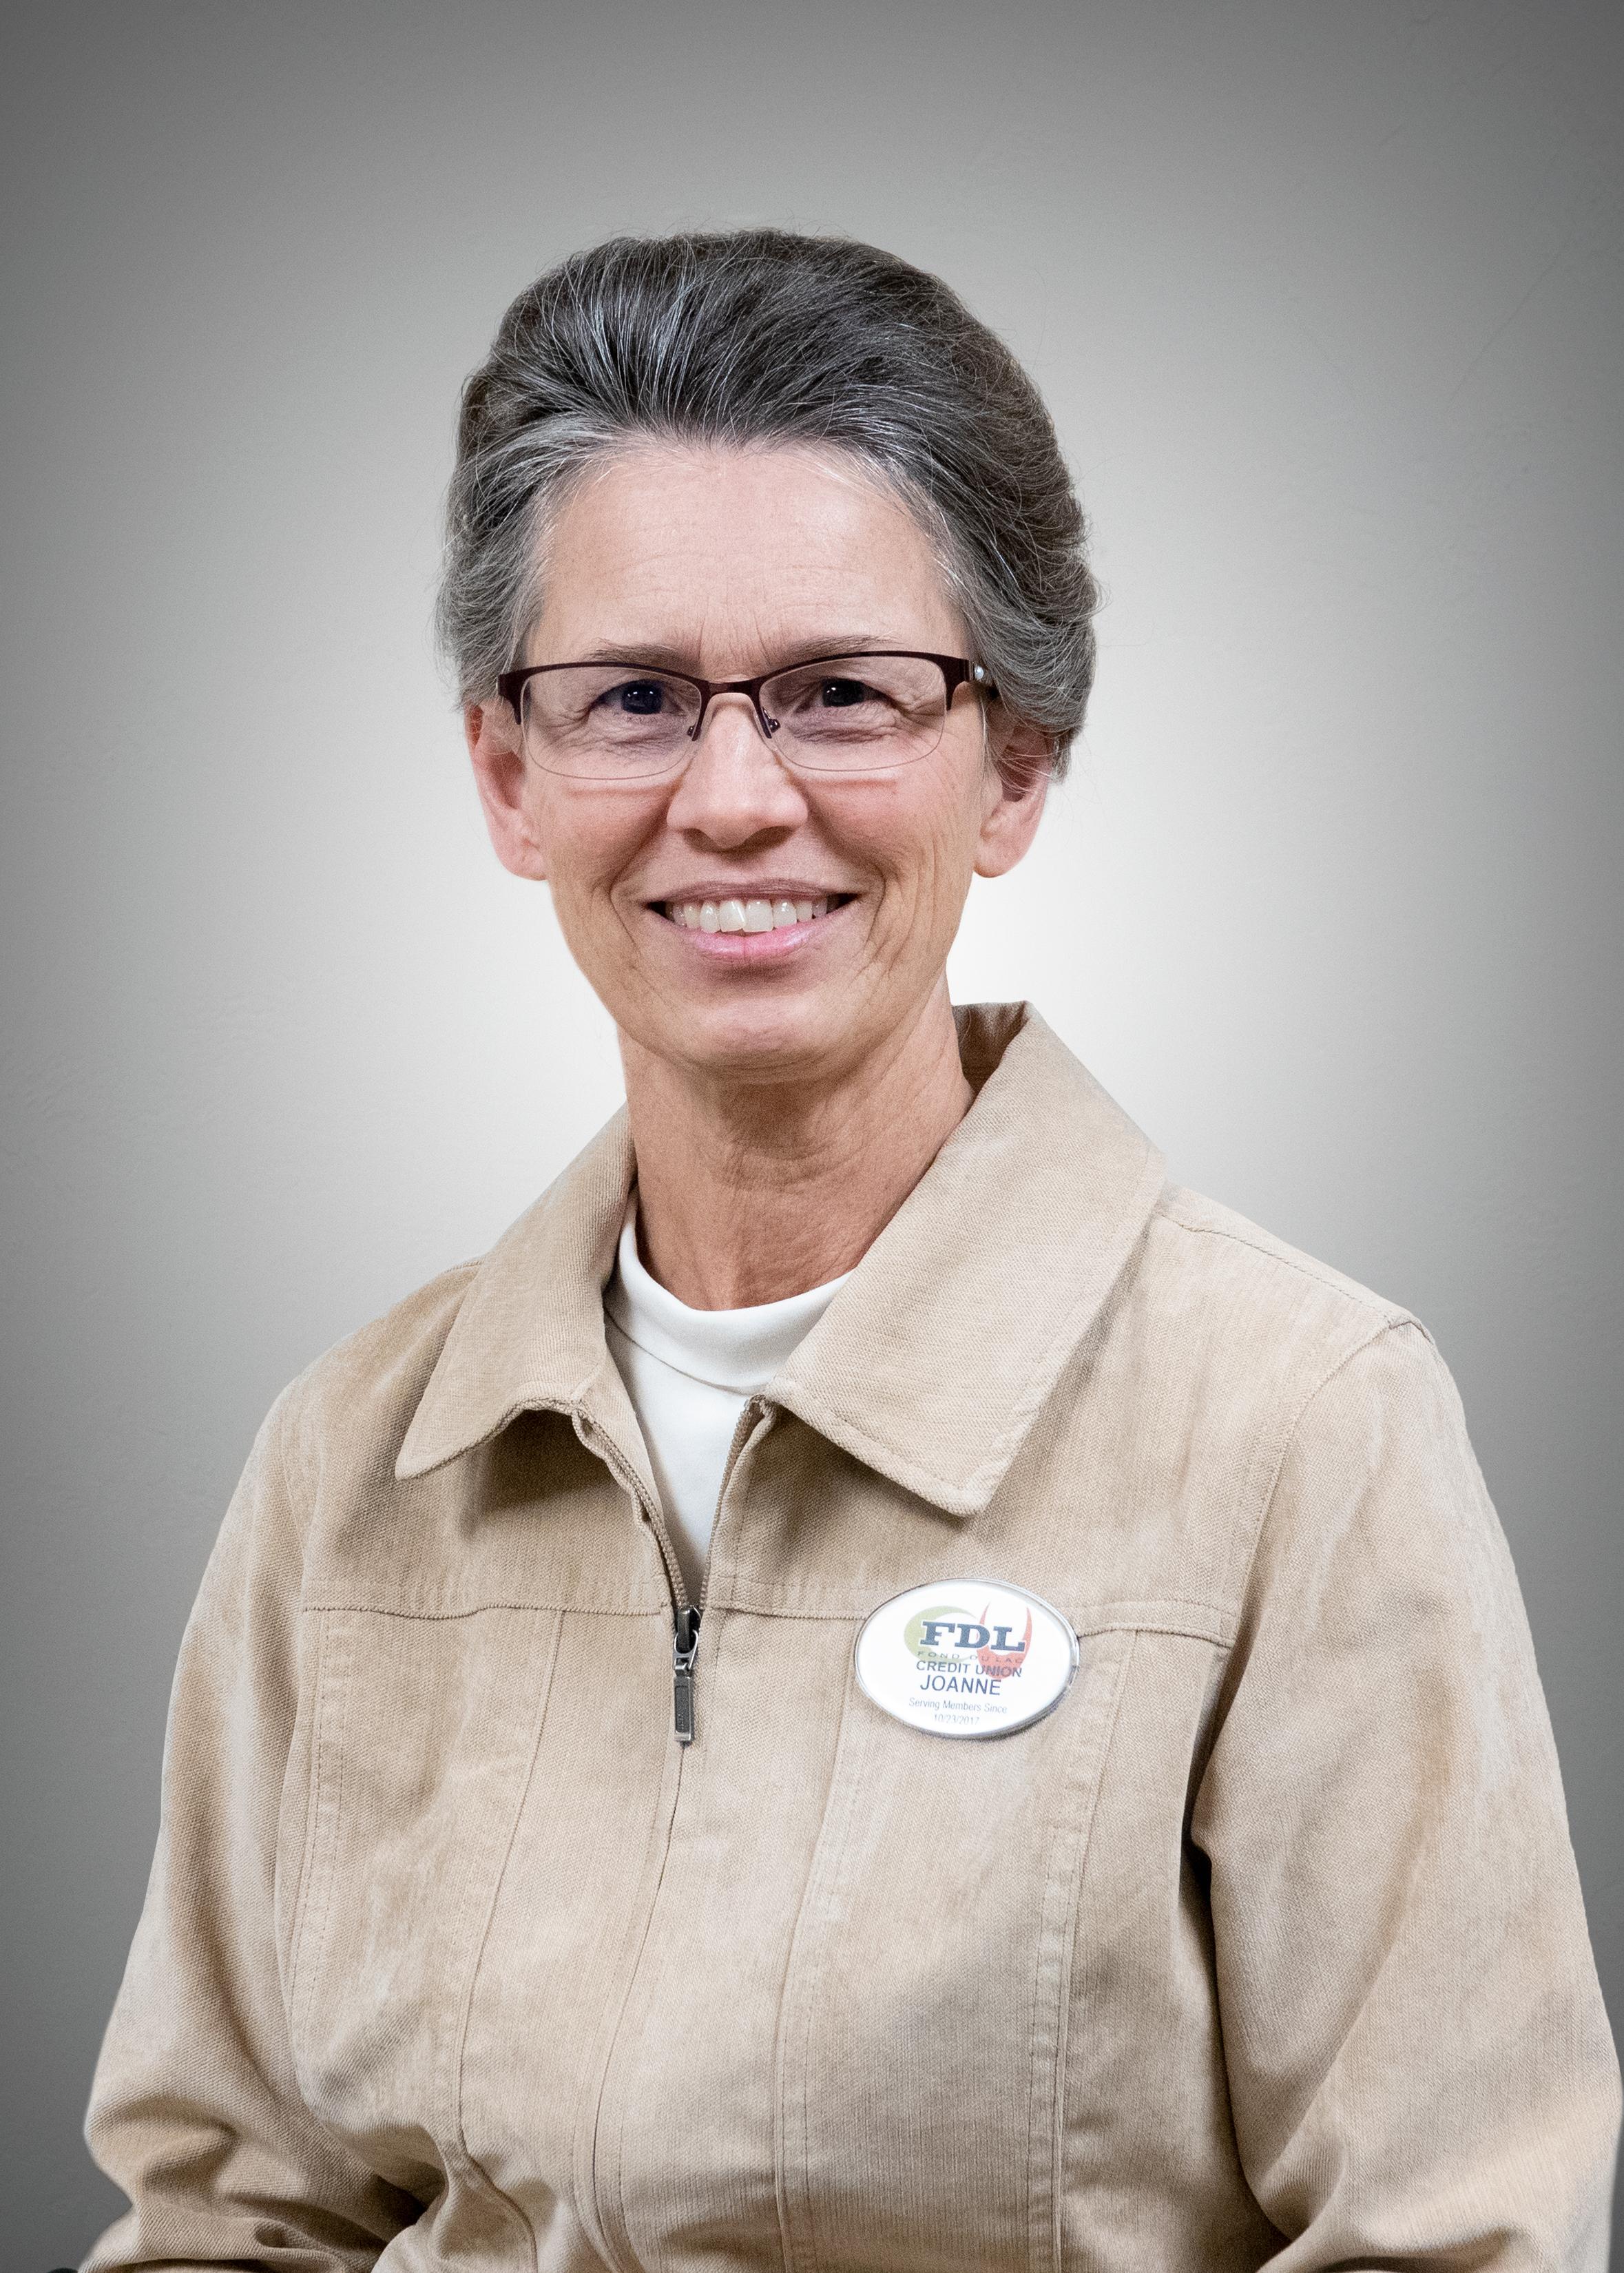 Joanne Kluck